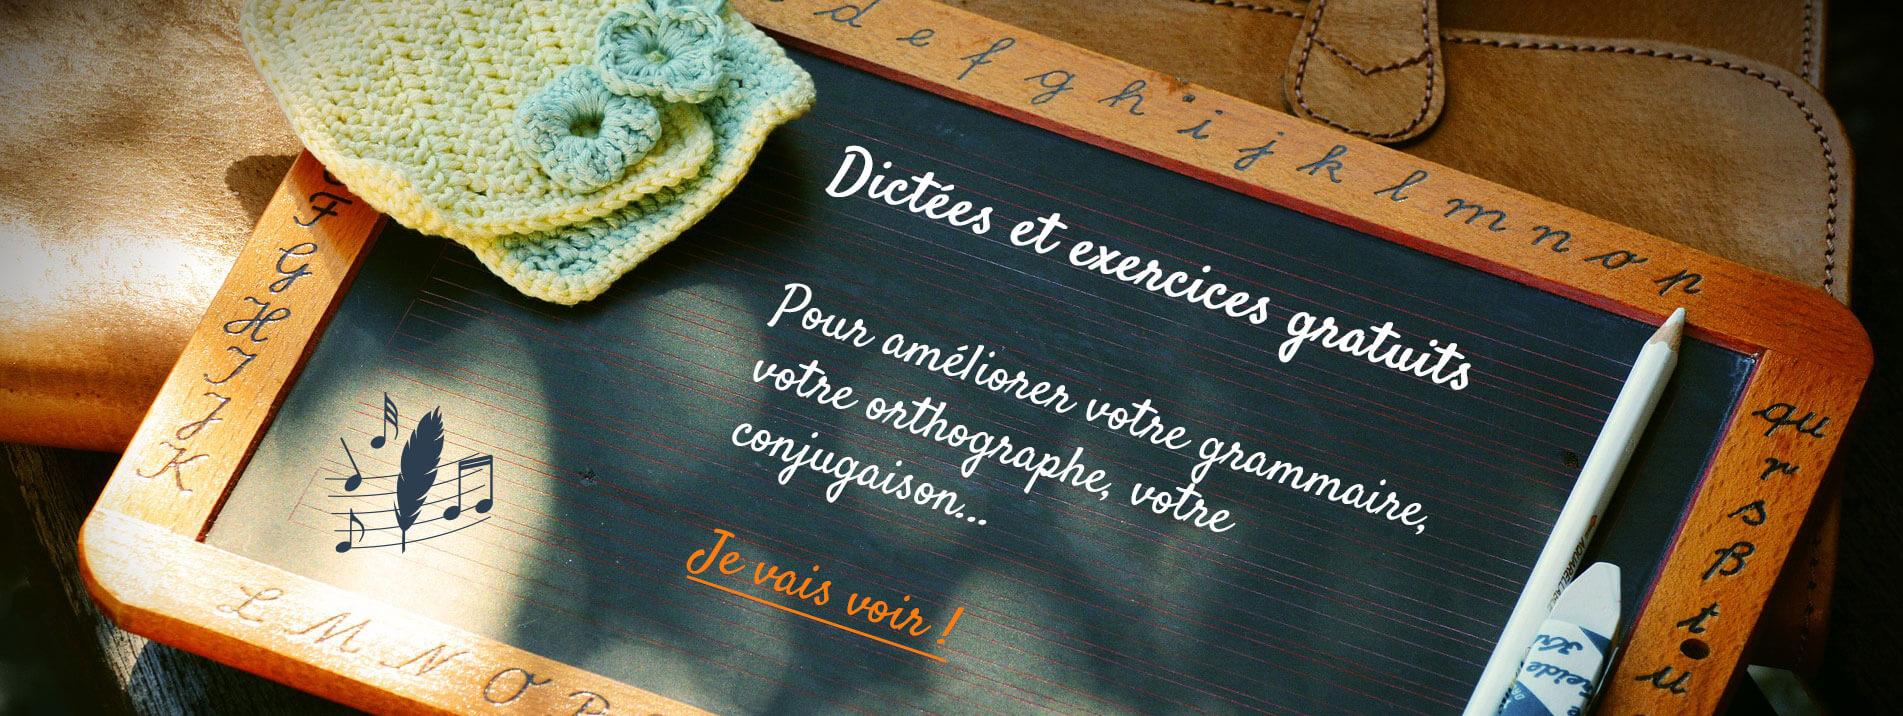 Dictées et exercices gratuits : orthographe